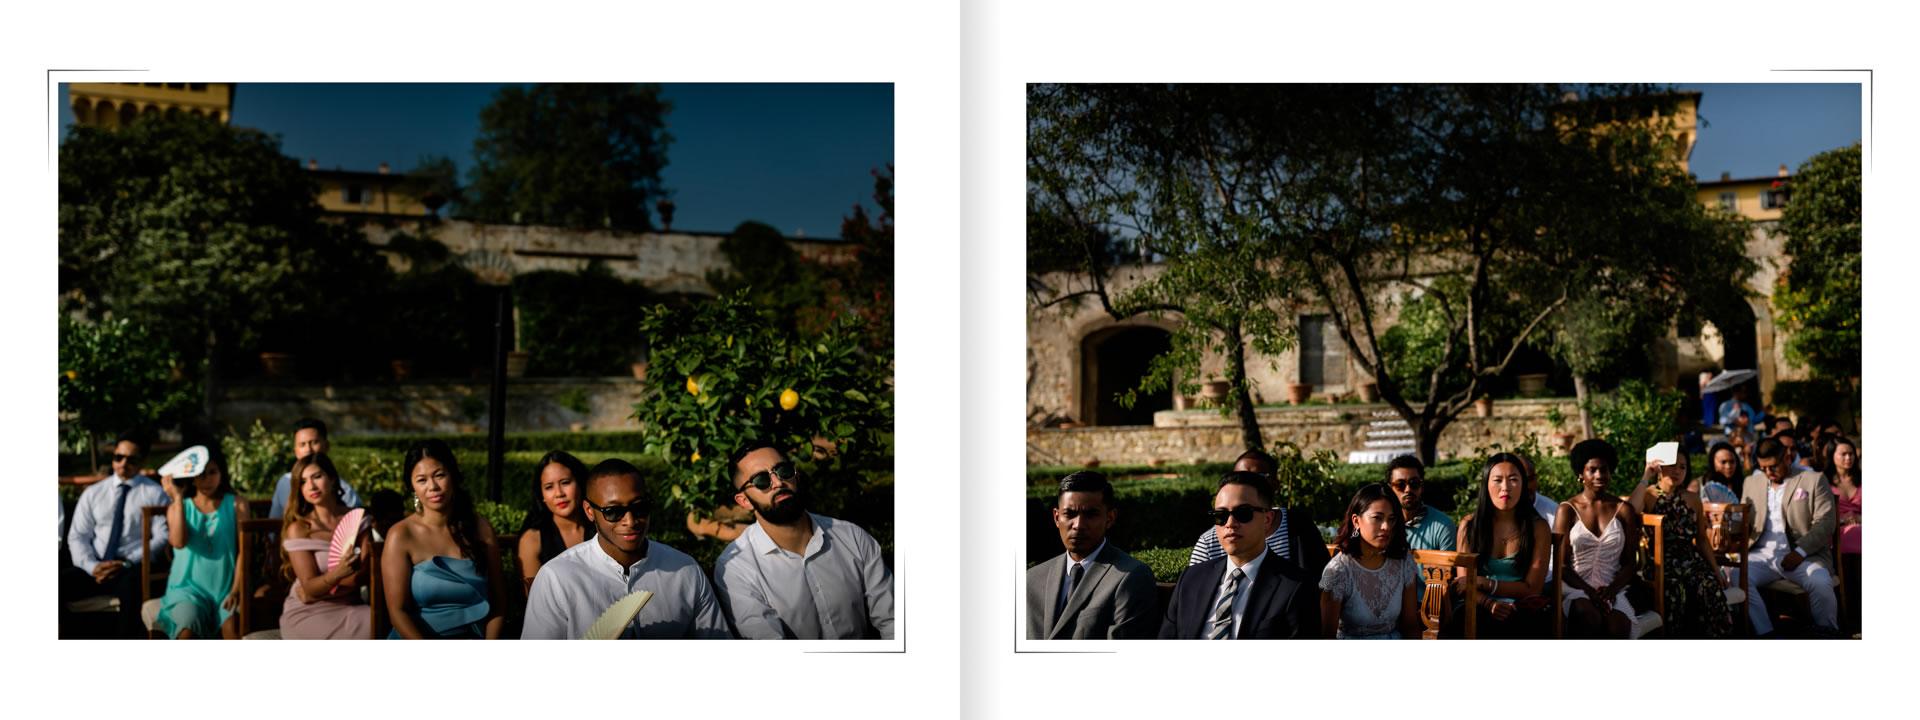 villa-di-maiano-david-bastianoni-photographer-00018 - 18 :: Wedding at Villa di Maiano :: Luxury wedding photography - 17 :: villa-di-maiano-david-bastianoni-photographer-00018 - 18